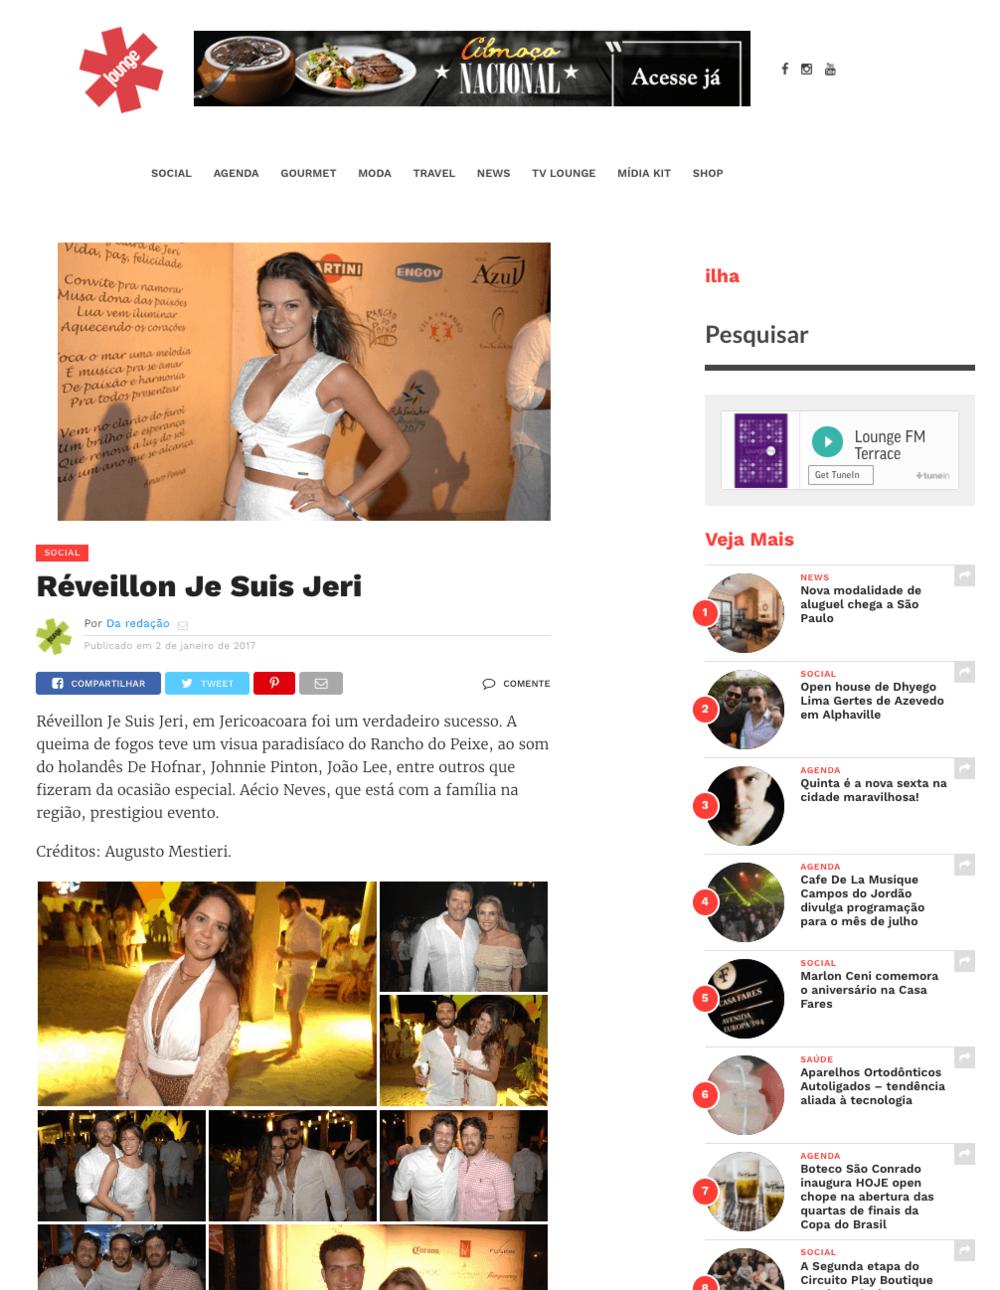 Melhor Reveillon do Brasil Jericoacoara Je Suis Jeri 6.png